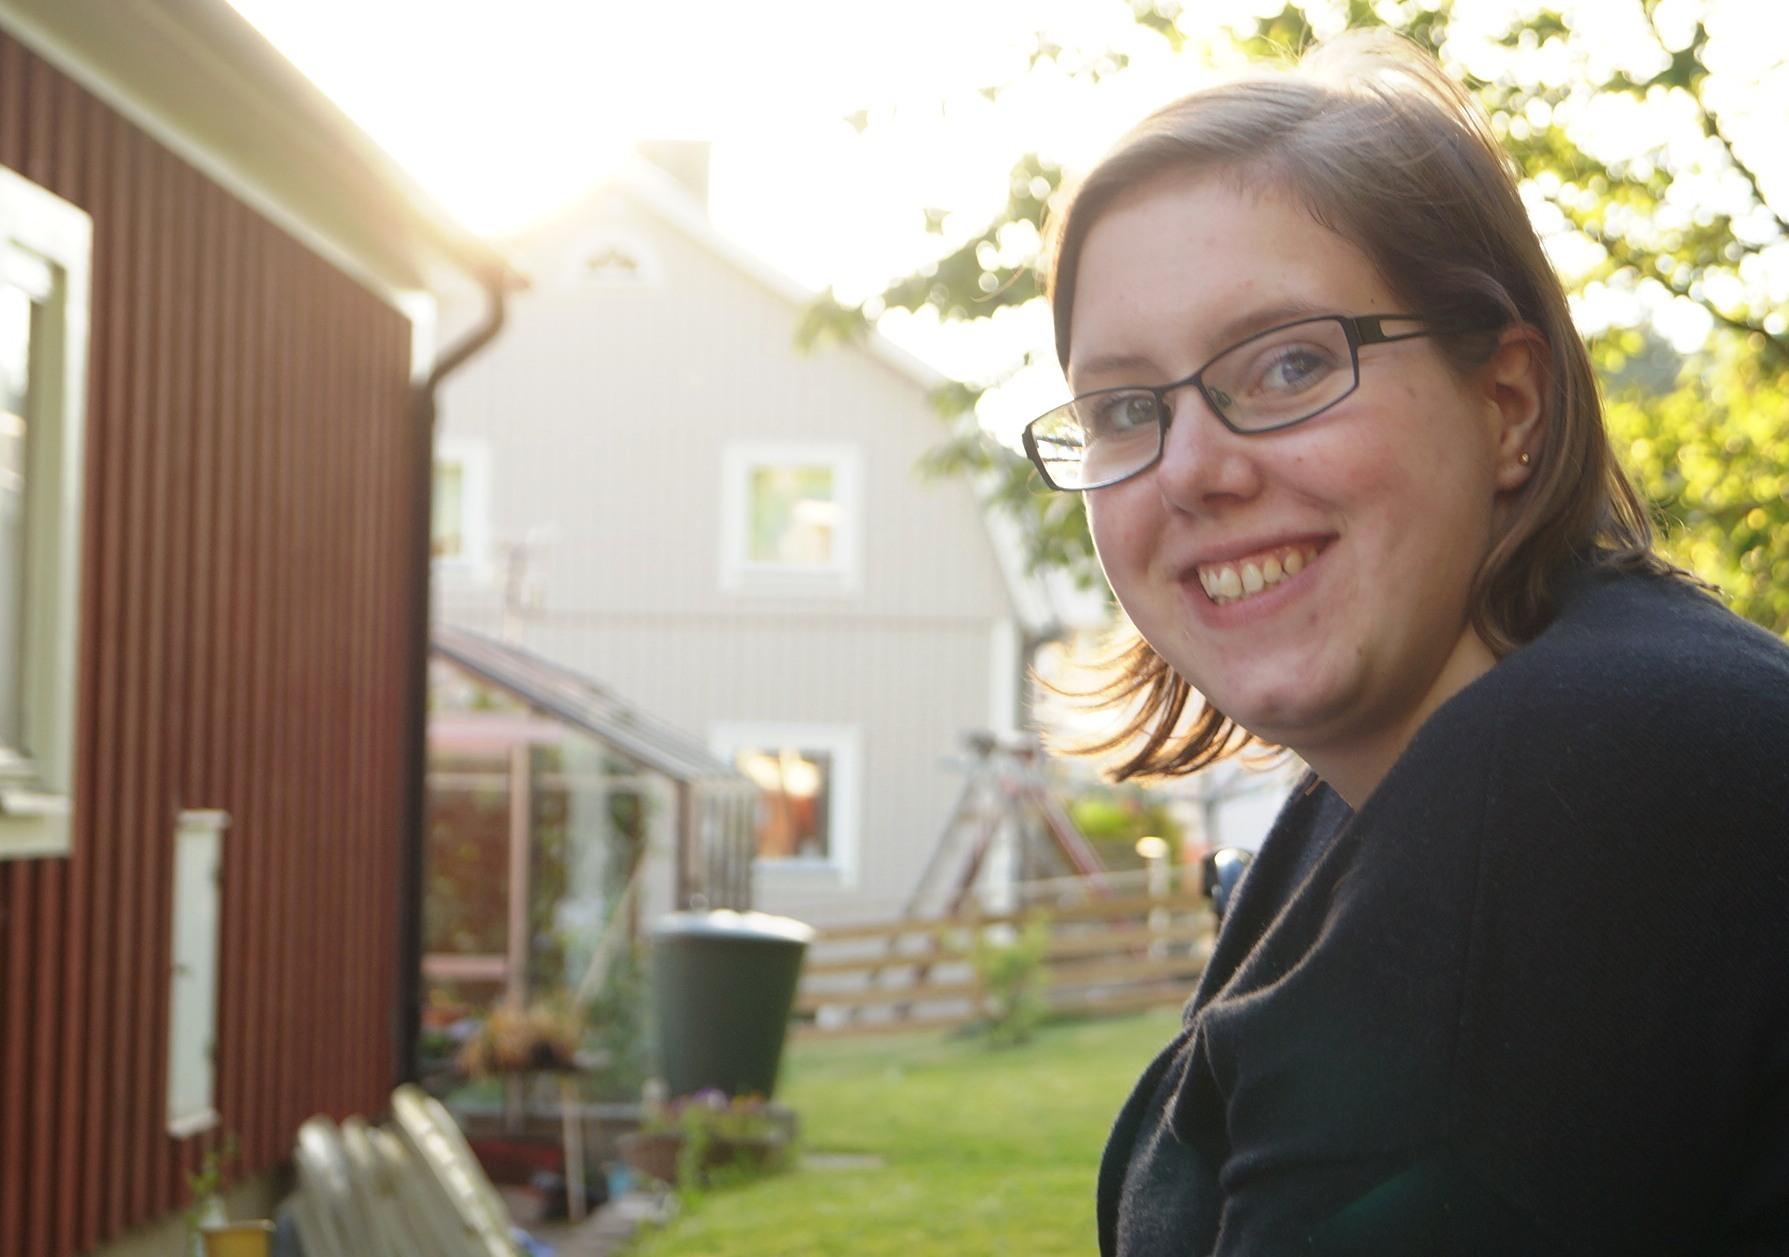 Emmelie Foto: Anneli Uusitalo Vackert Nu